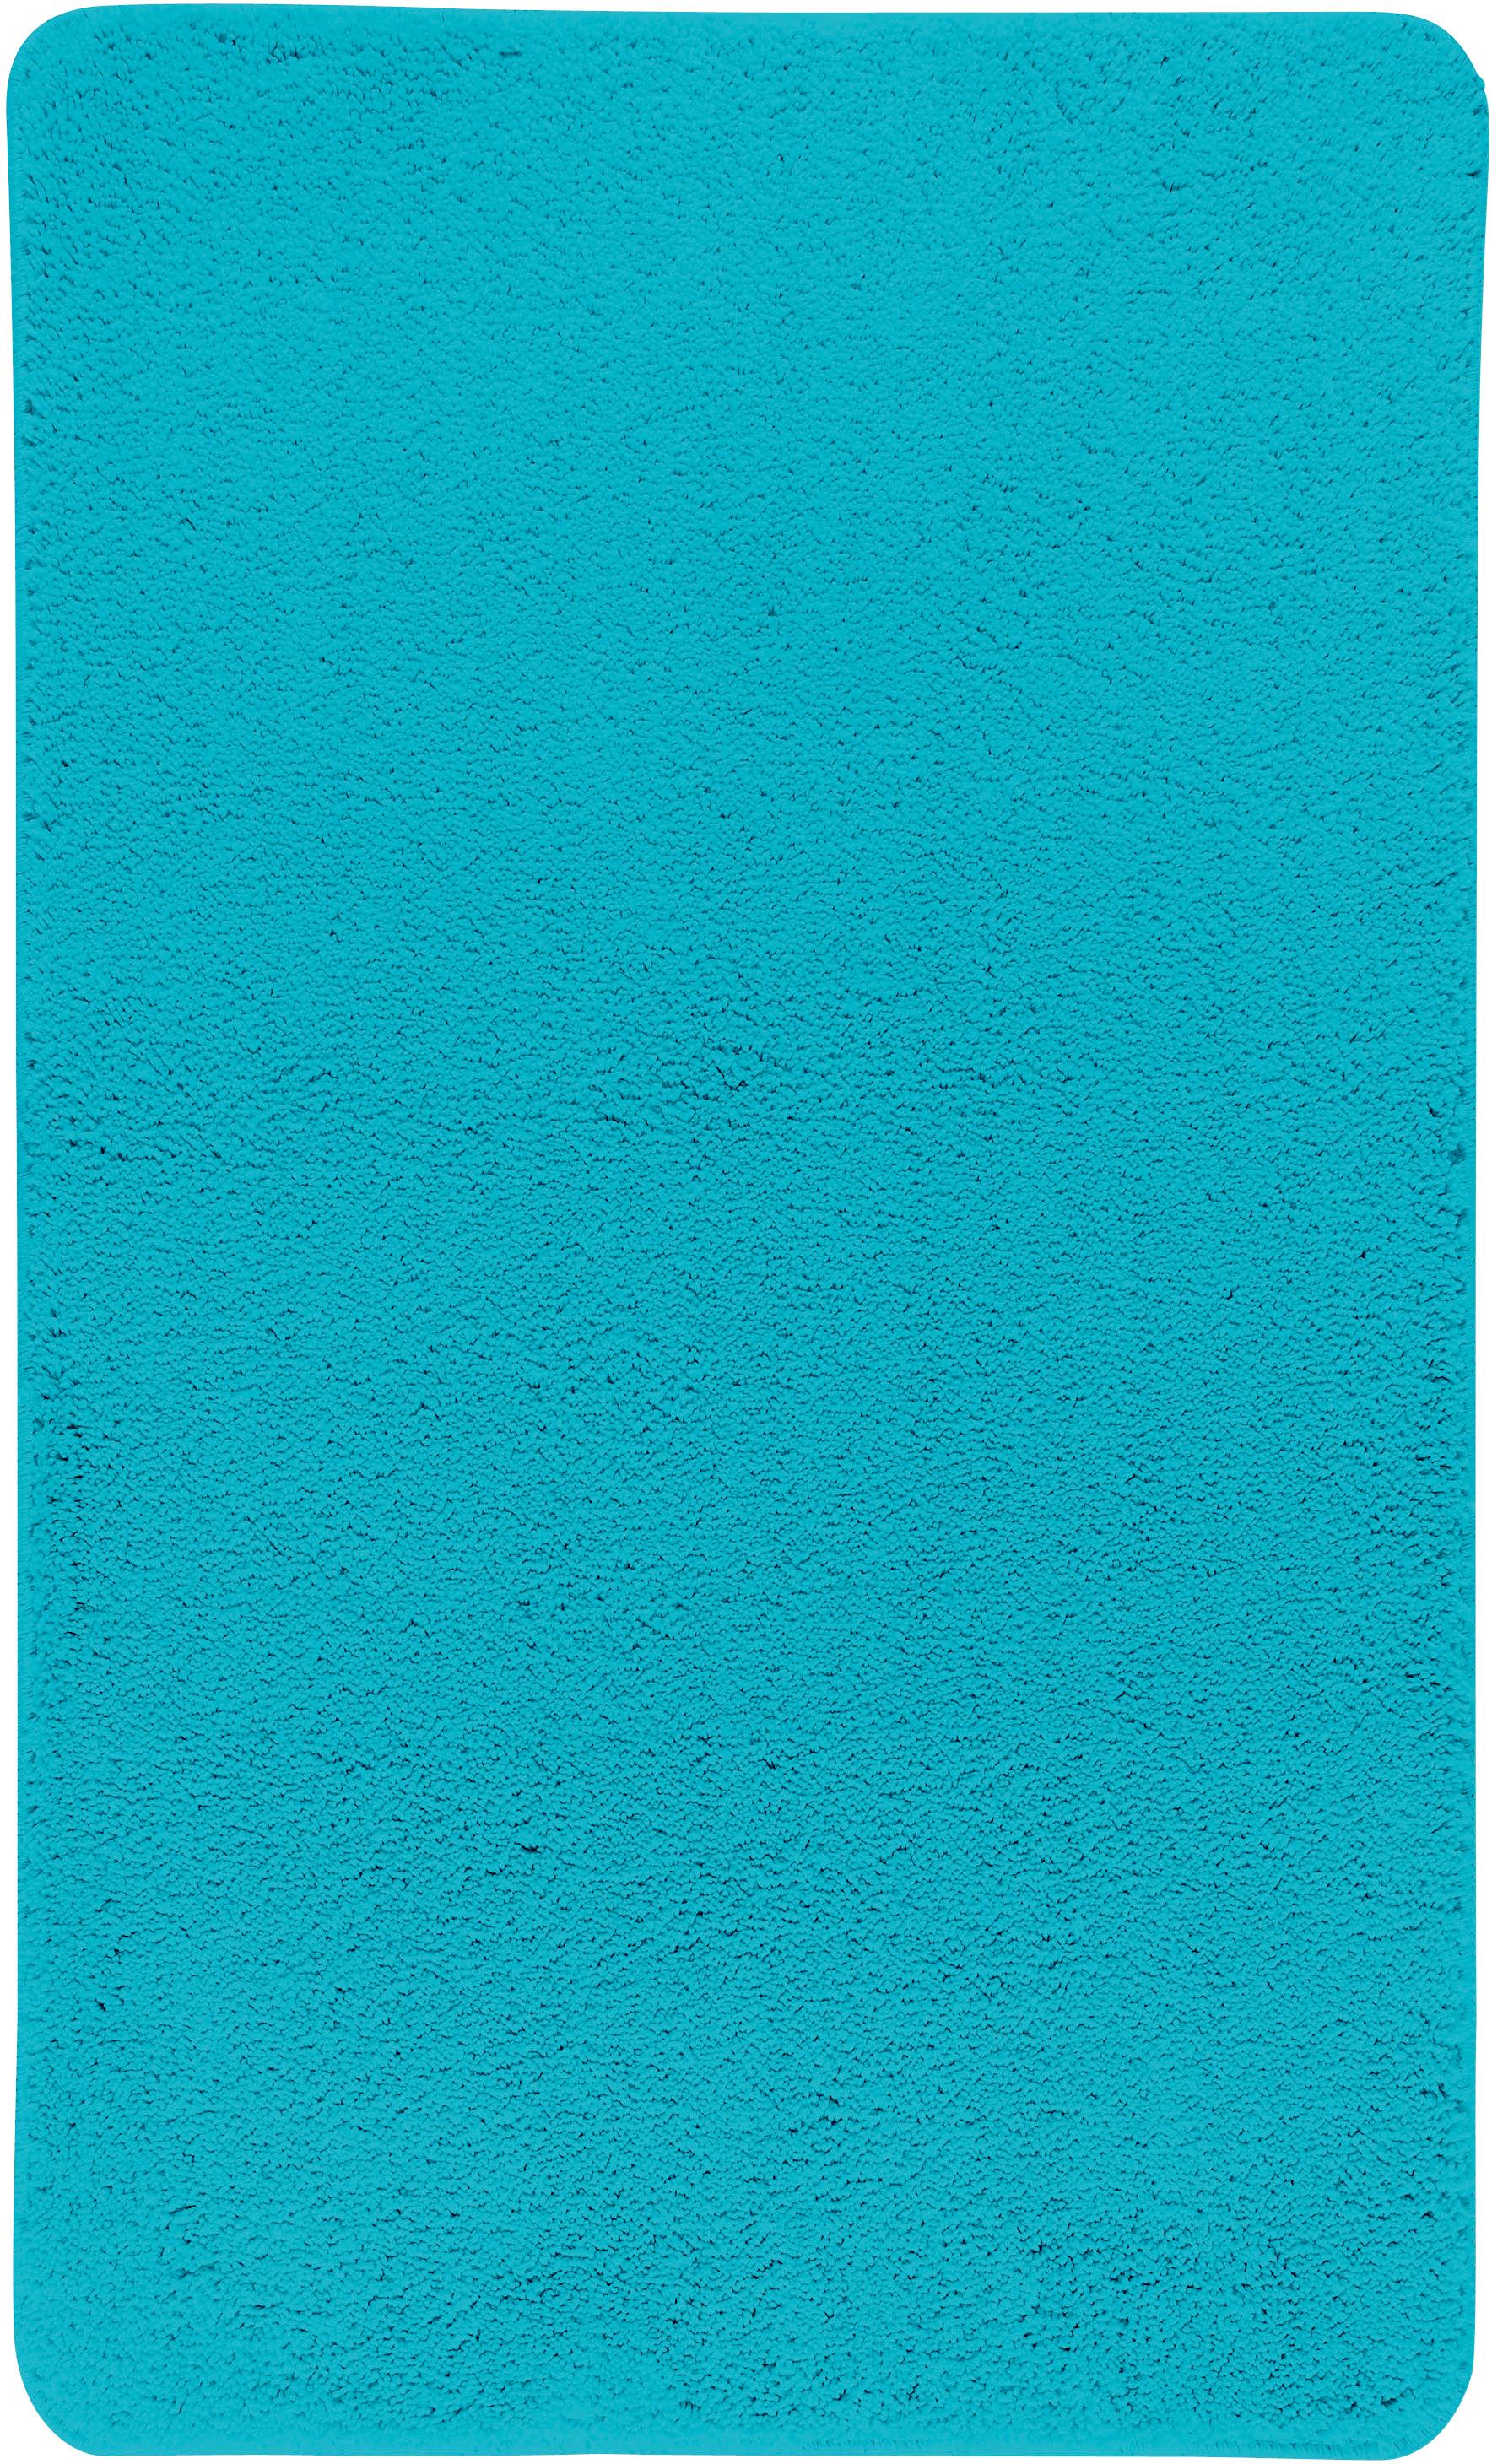 Коврик для ванной Axentia, прямоугольный, цвет: бирюзовый, 60 х 100 см116076Коврик для ванной комнаты из микрофибры, прямоугольный, большой 60х100 см. Высота ворса 1,5 см, стеганный. Противоскользящее основание изготовлено из термопластичной резины и подходит для полов с подогревом. Коврик мягкий и приятный на ощупь, отлично впитывает влагу и быстро сохнет. Можно стирать в стиральной машине. Высокая износостойкость коврика и стойкость цвета позволит вам наслаждаться покупкой долгие годы. Широкая гамма расцветок ковриков Axentia удовлетворит самый притязательный вкус.